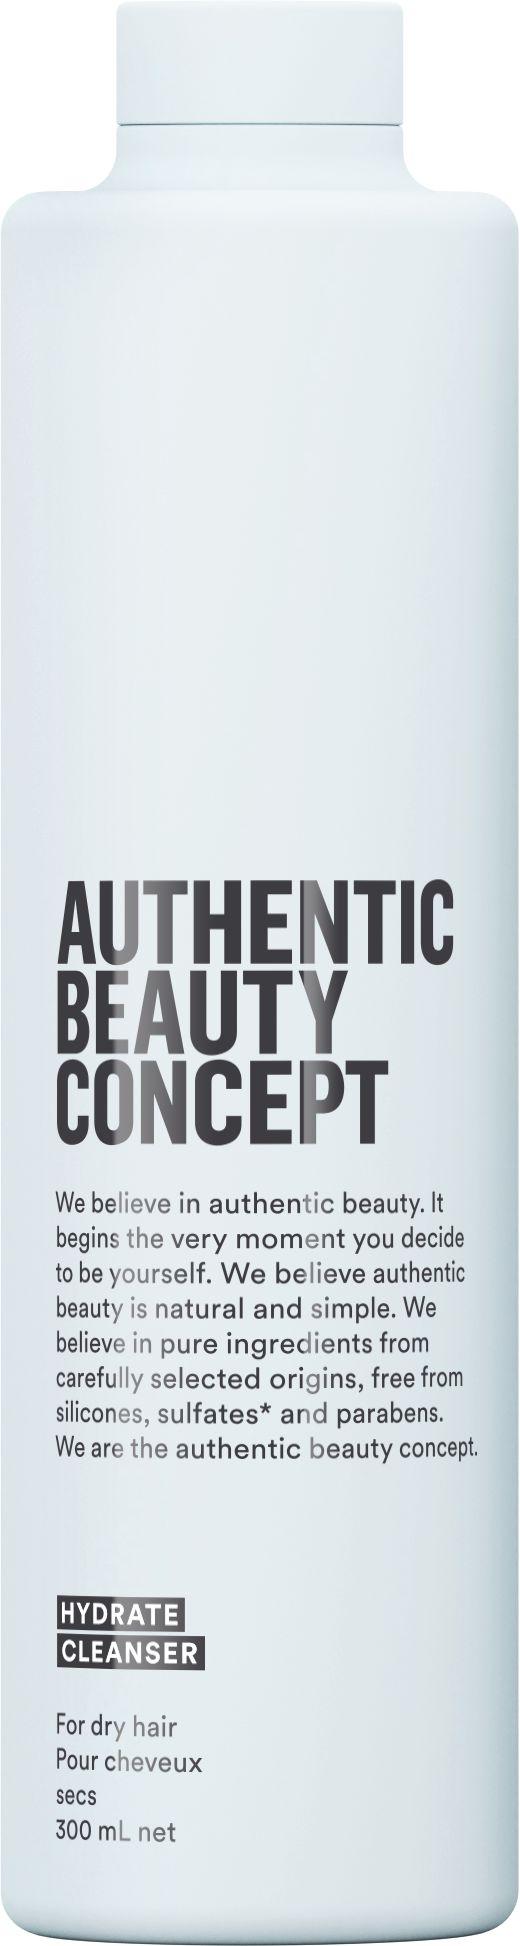 Authentic Beauty Concept Hydrate Szampon Nawilżający 300ml